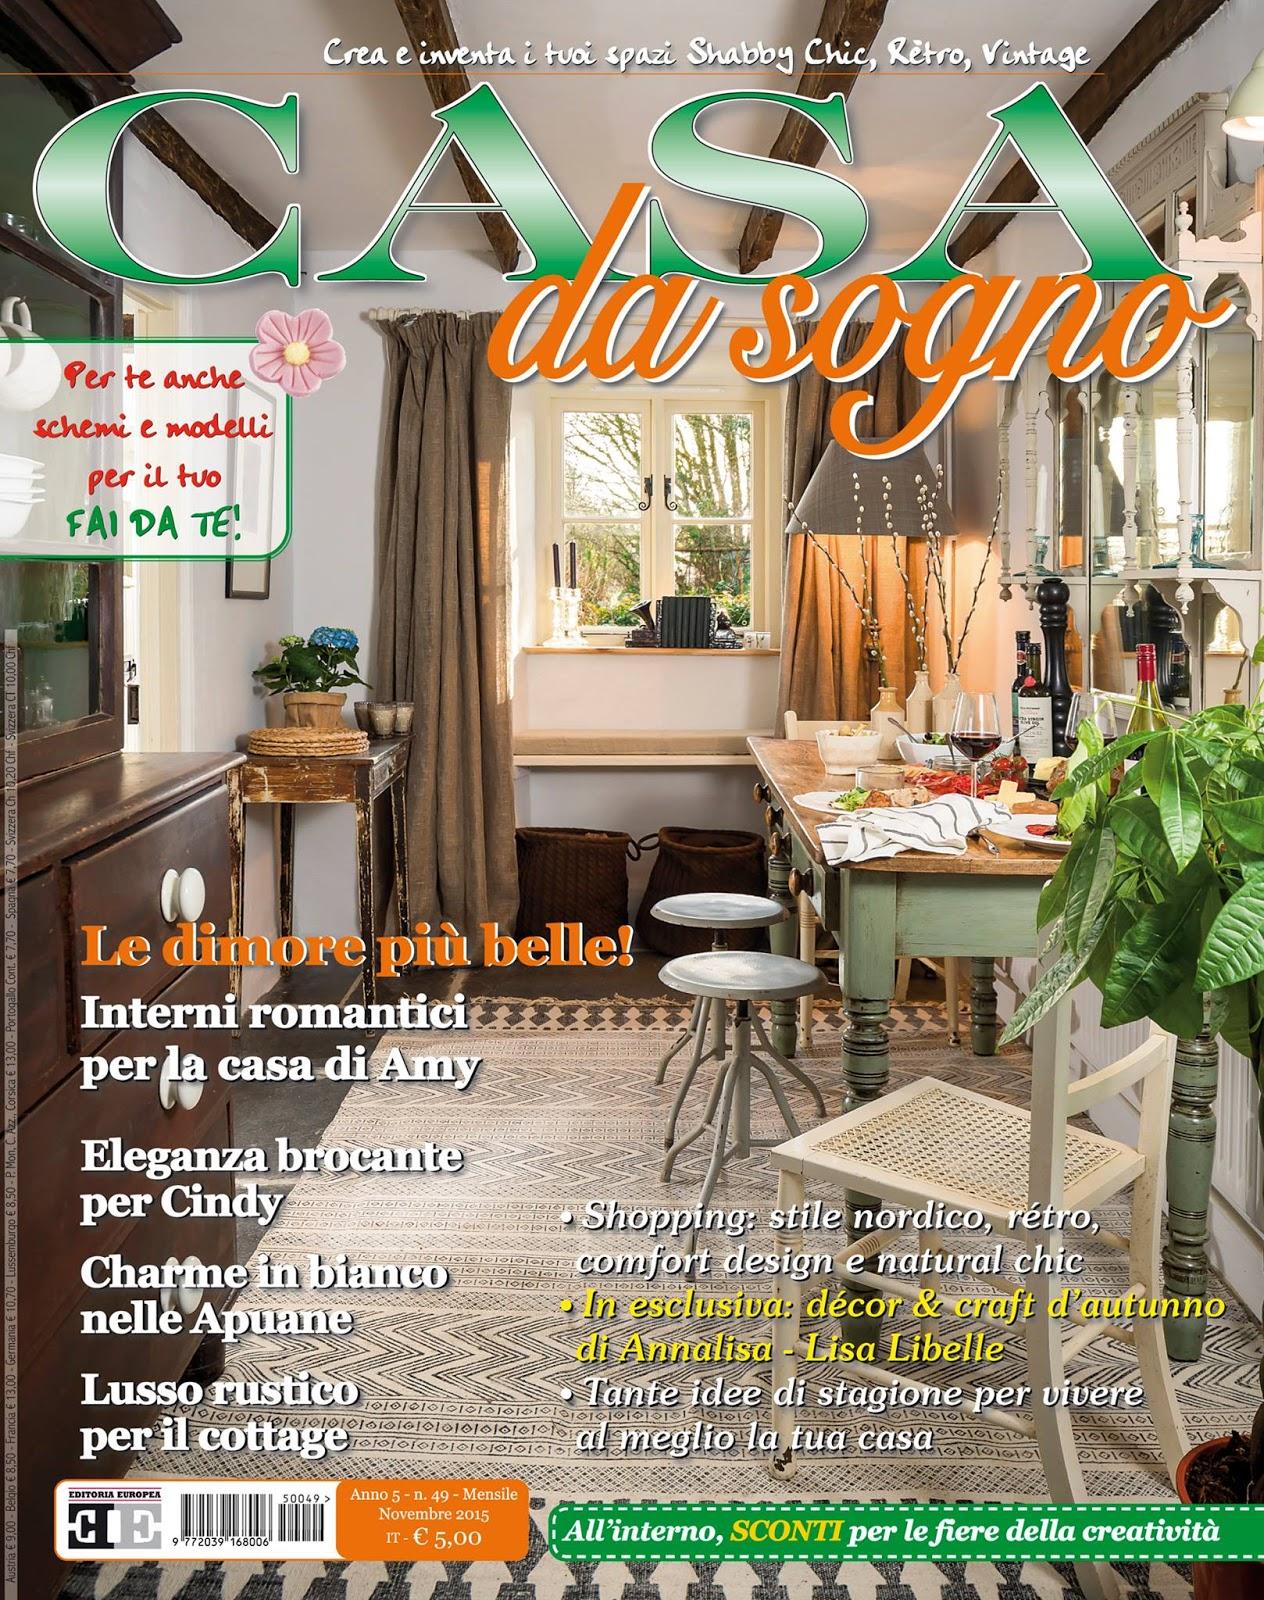 Maison decor my home 39 s feature in italy 39 s casa da sogno for Casa magazine